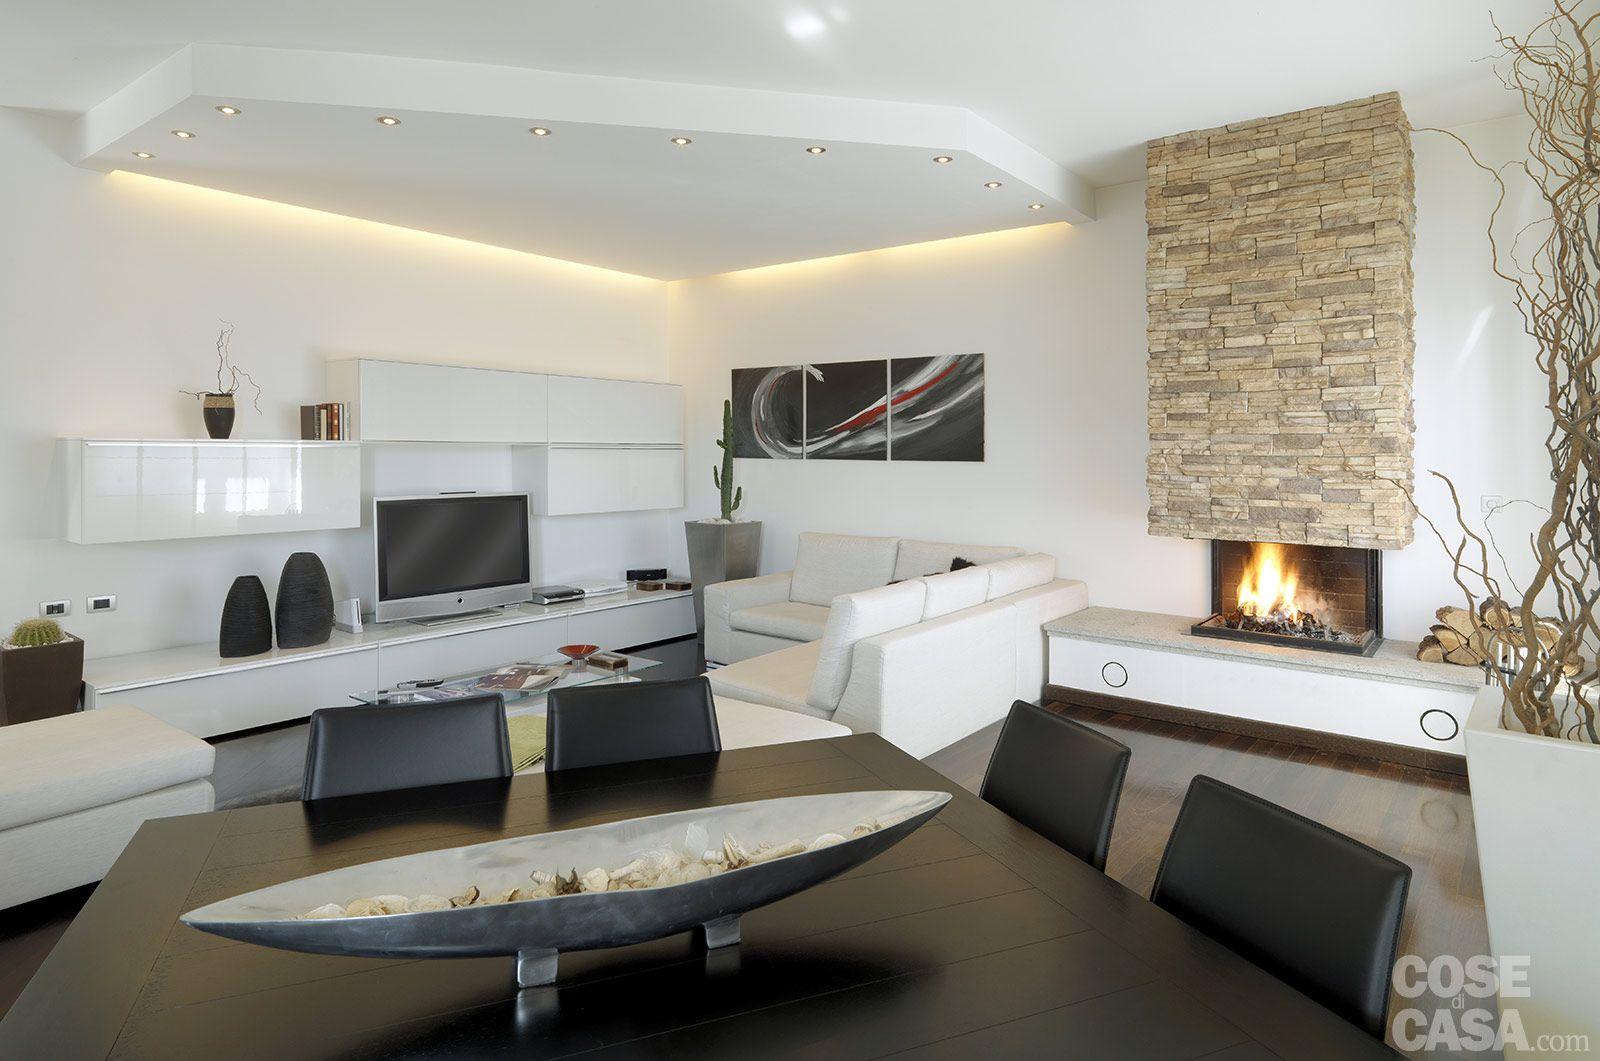 cartongesso soggiorno moderno - Cerca con Google | Soggiorno ...